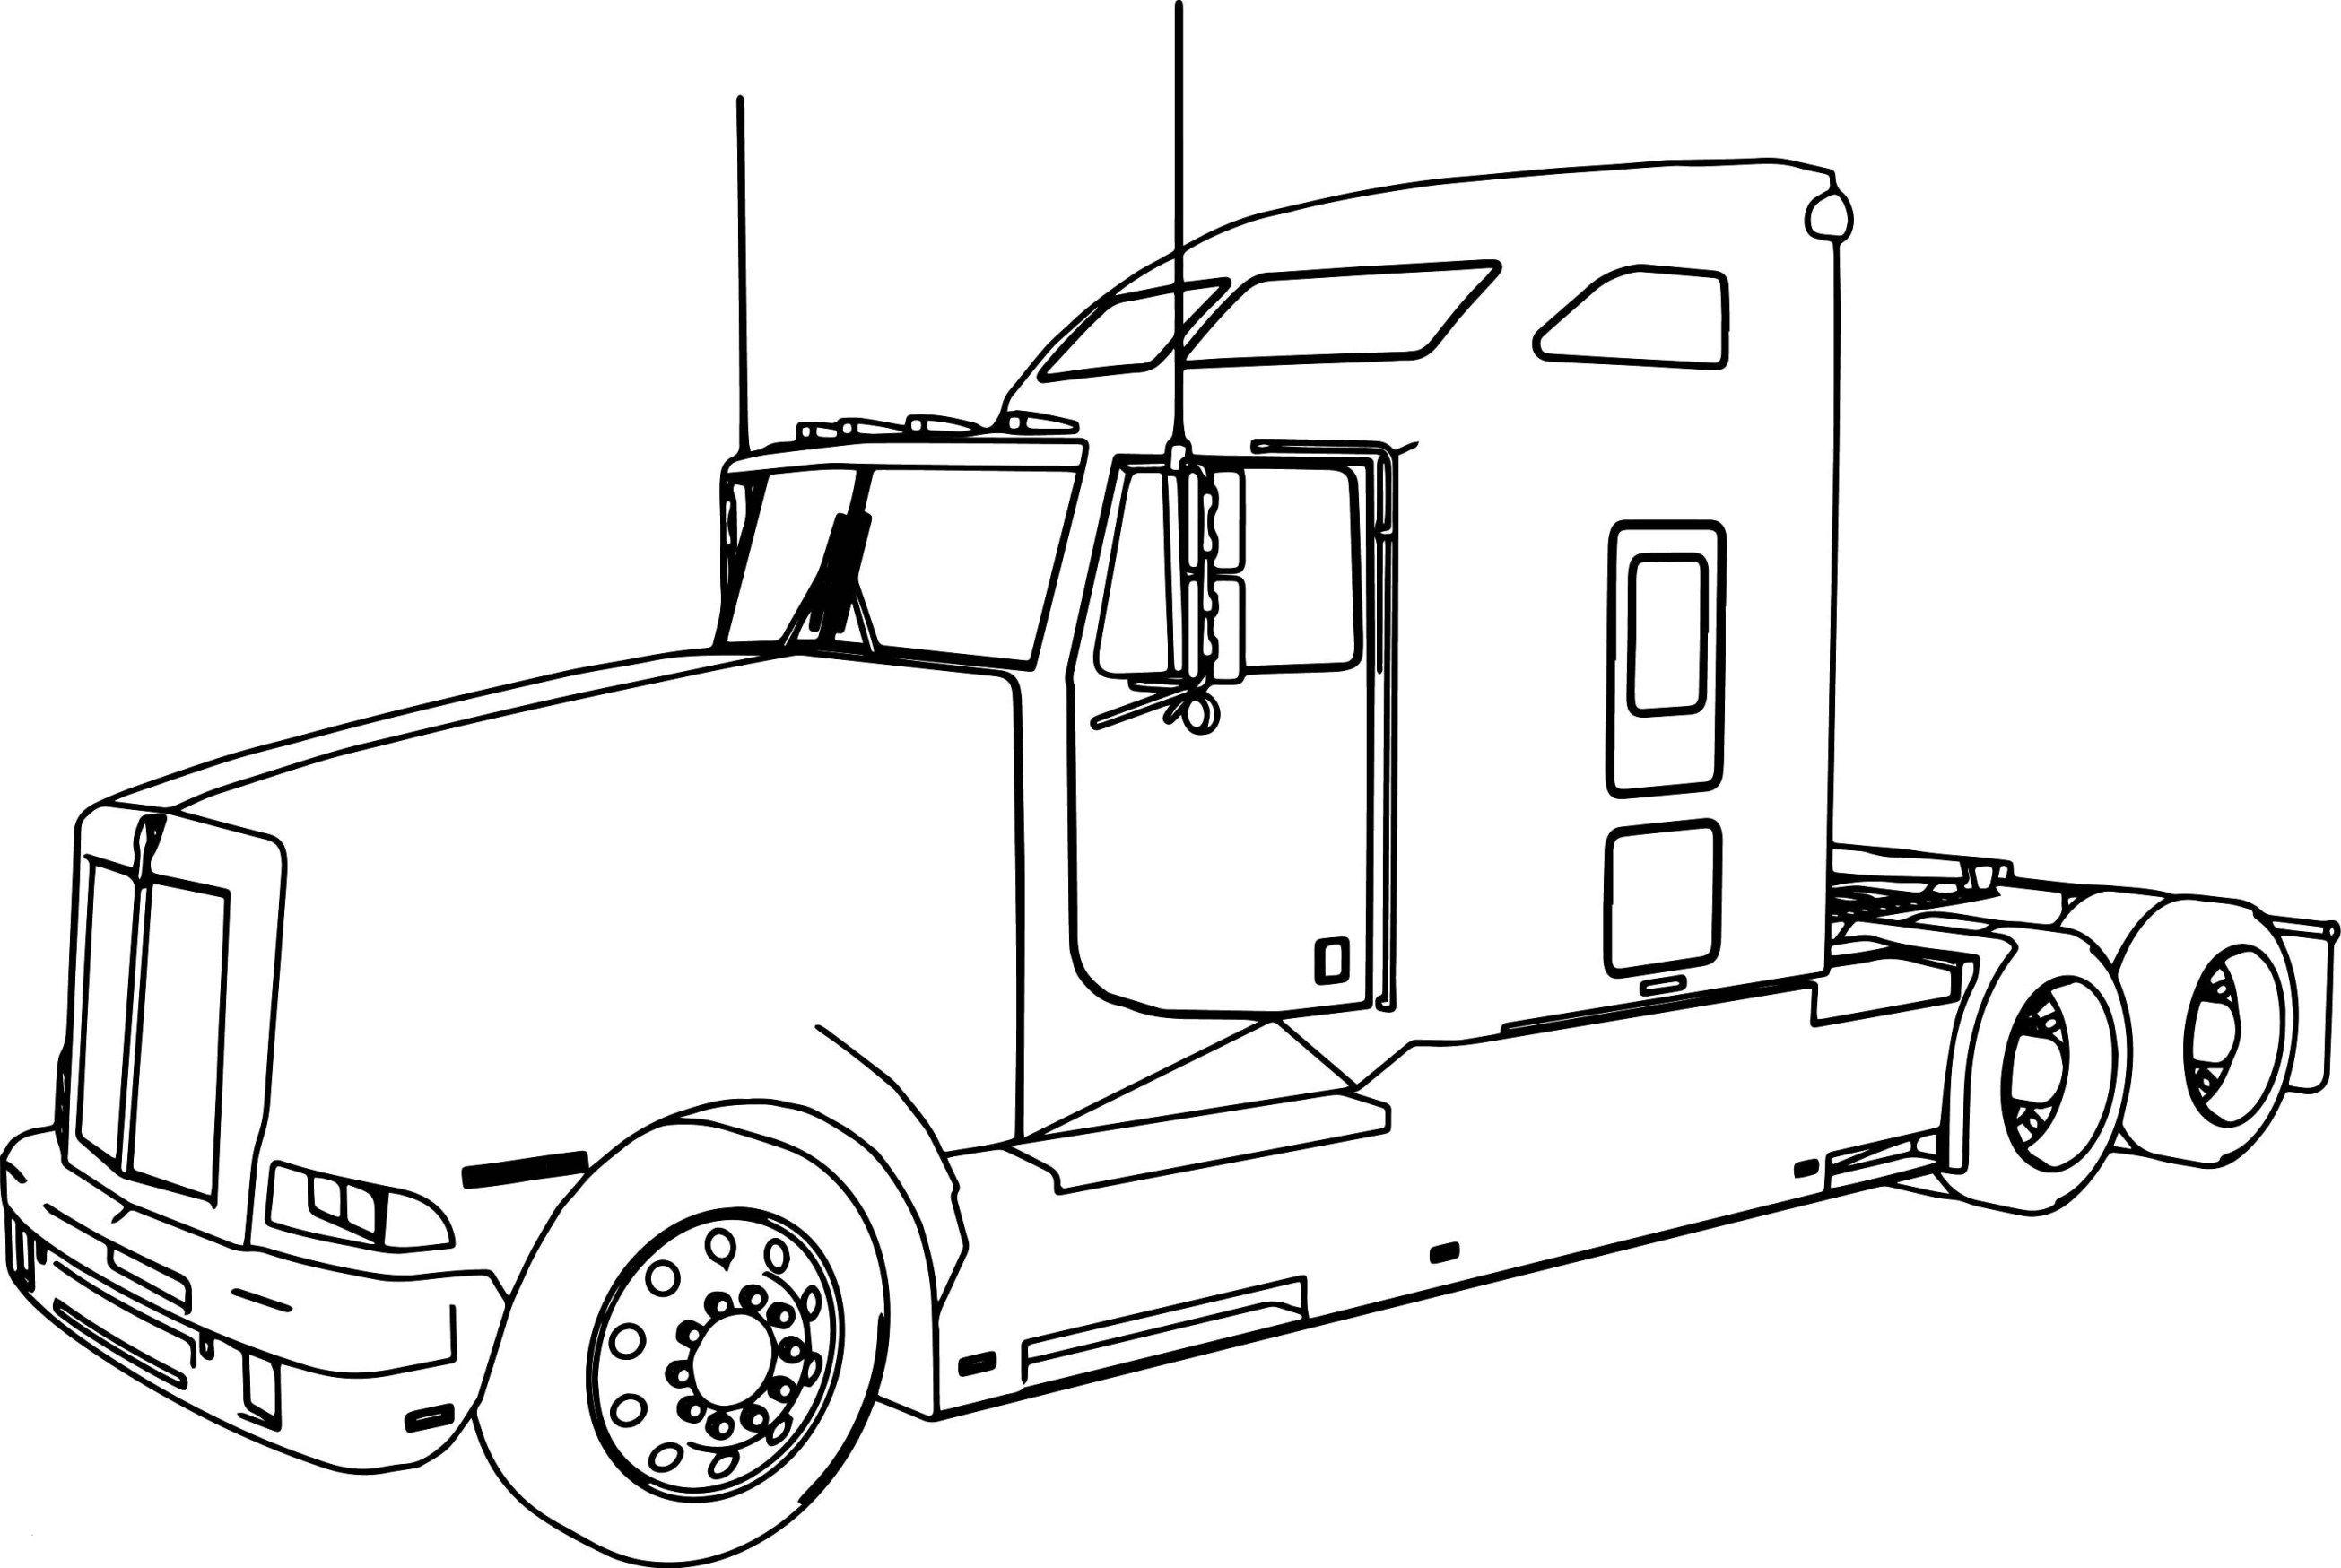 Semi Truck Coloring Pages Semi Truck Coloring Pages Best Of